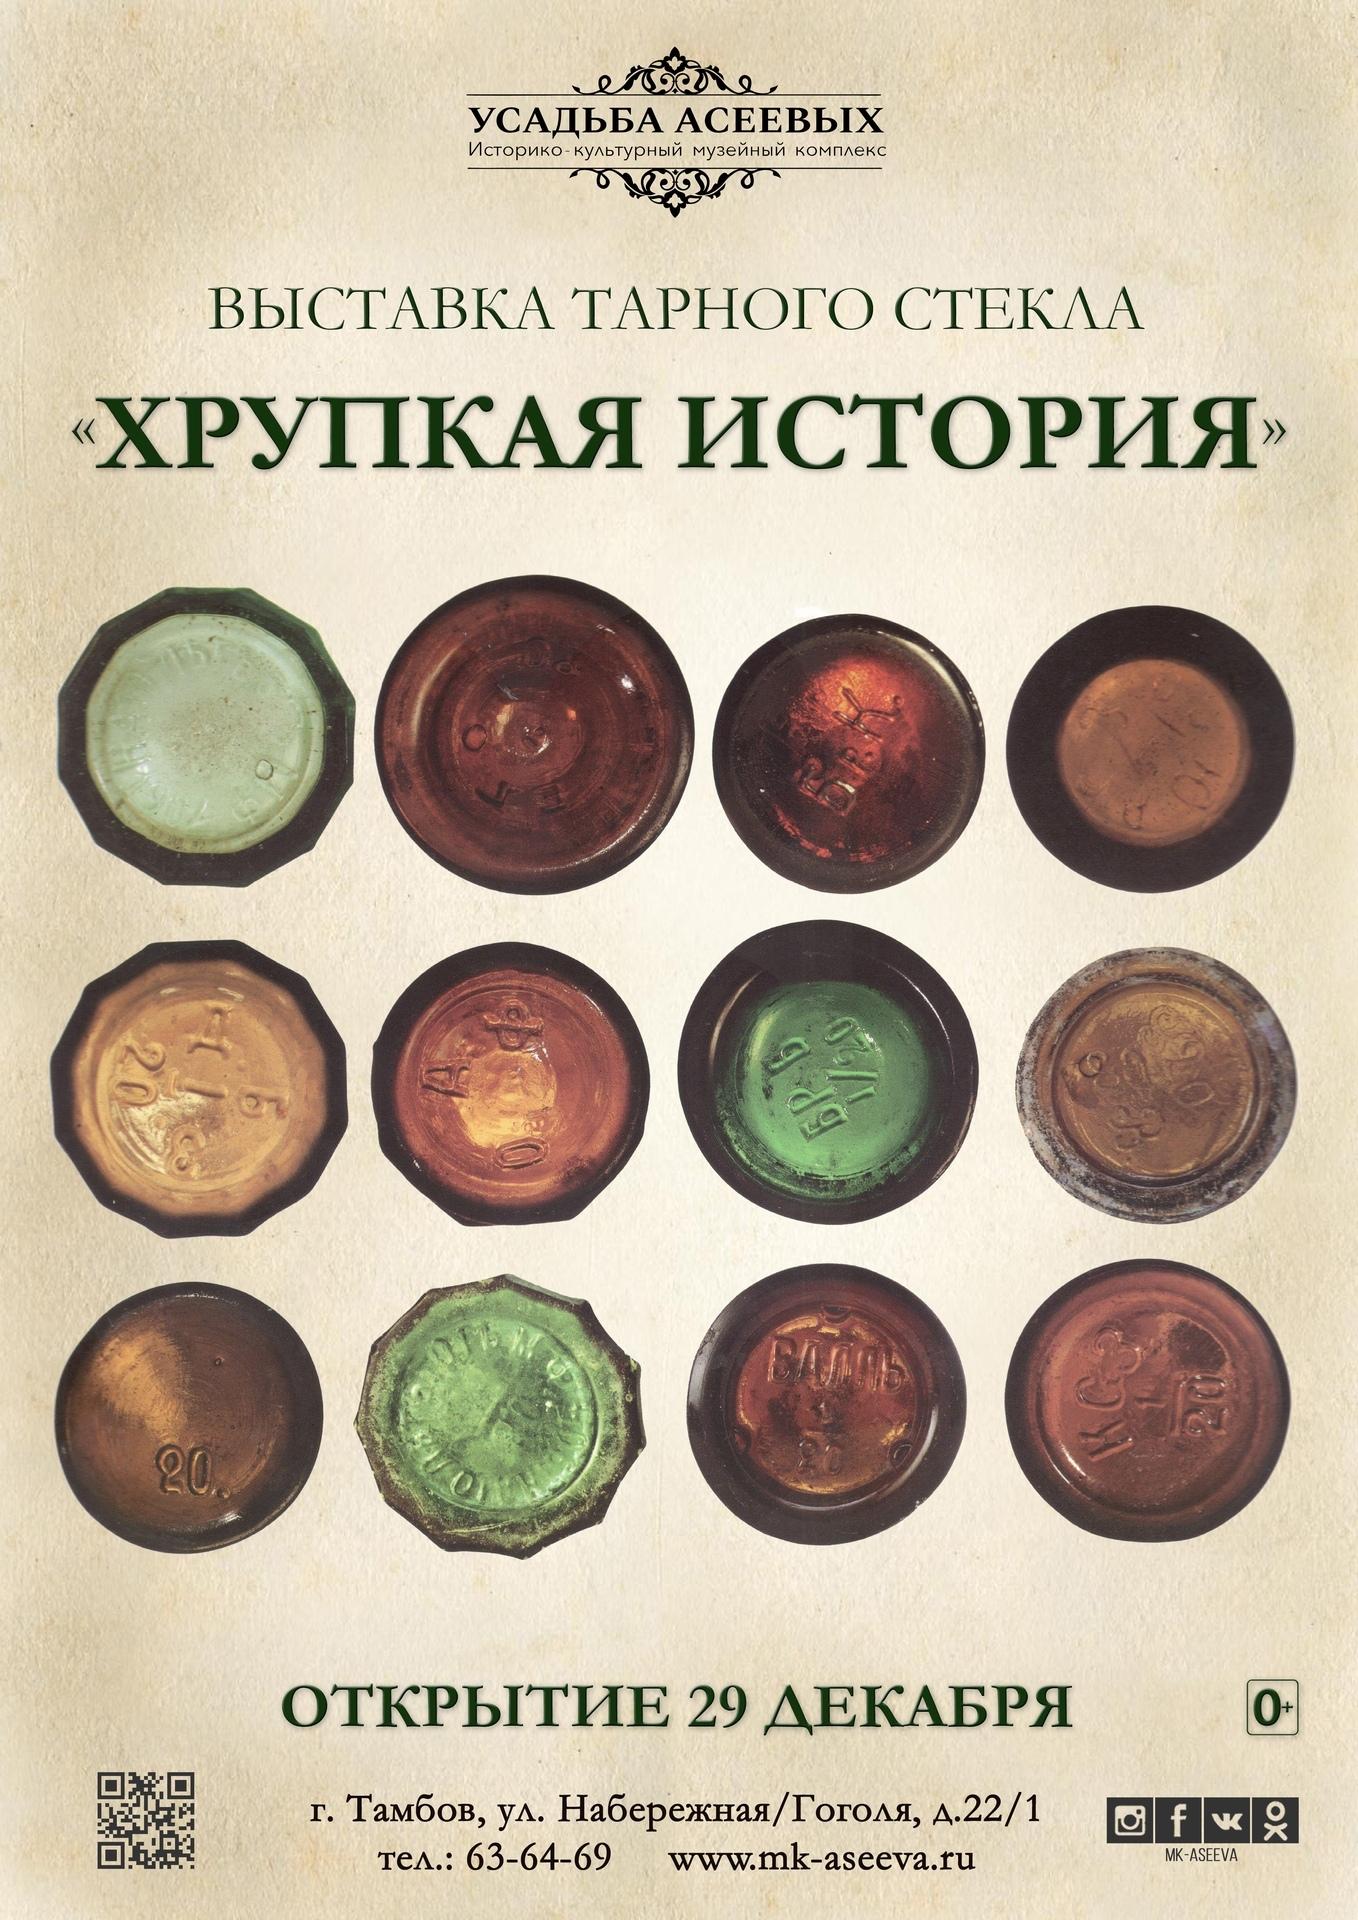 Лыжня России и подготовка ко дню всех влюблённых: афиша от «Блокнот Тамбов». Часть 1